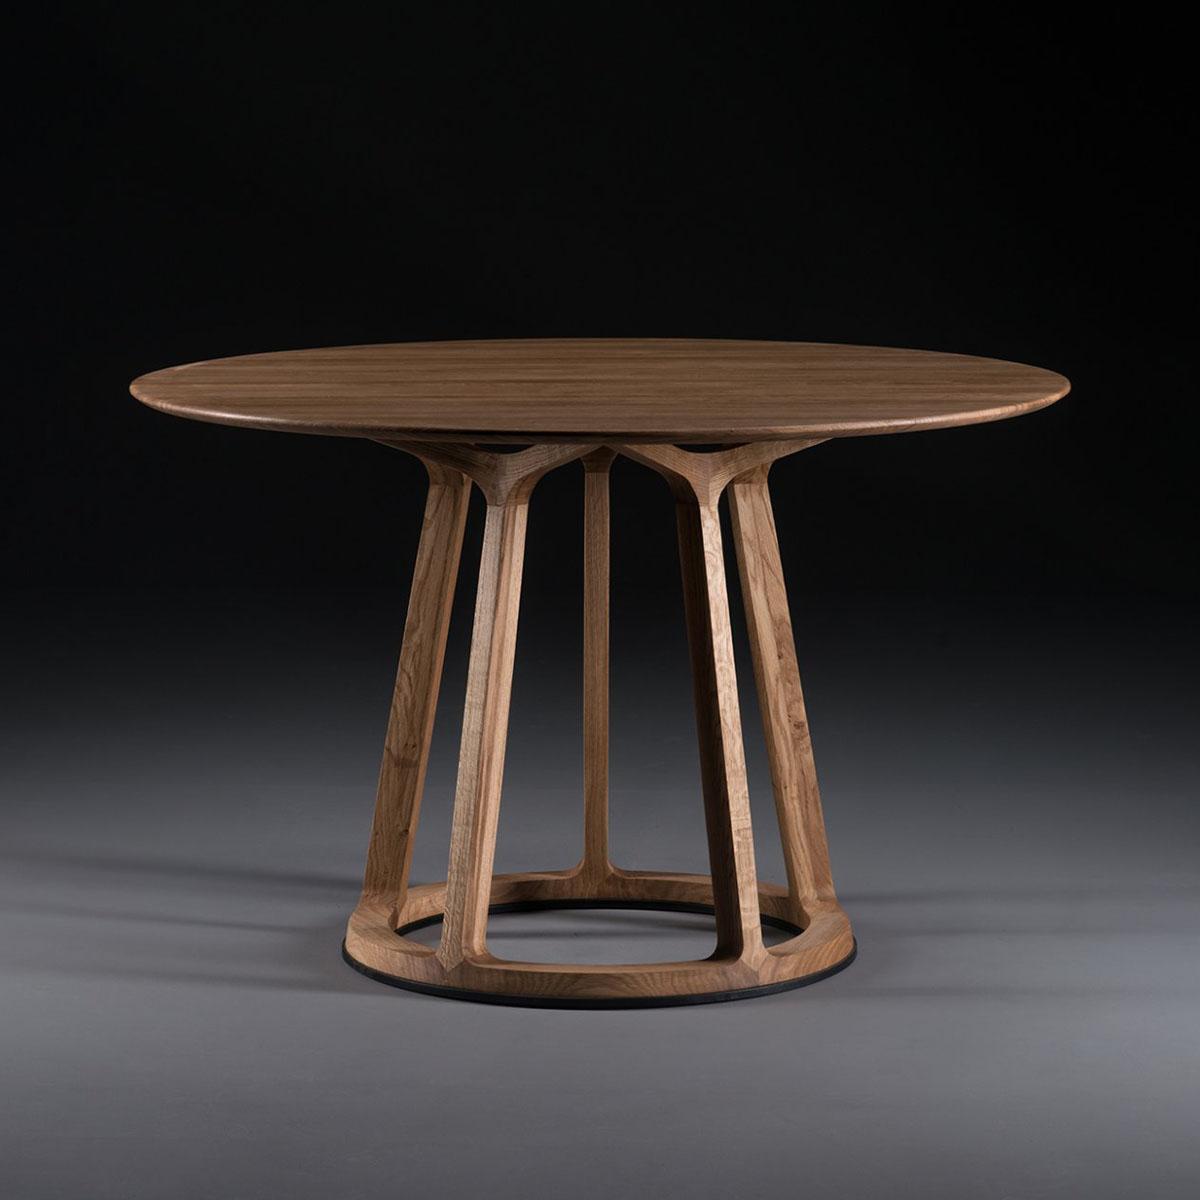 Mesa Pivot Redonda en madera con diseño vanguardista y producción artesanal